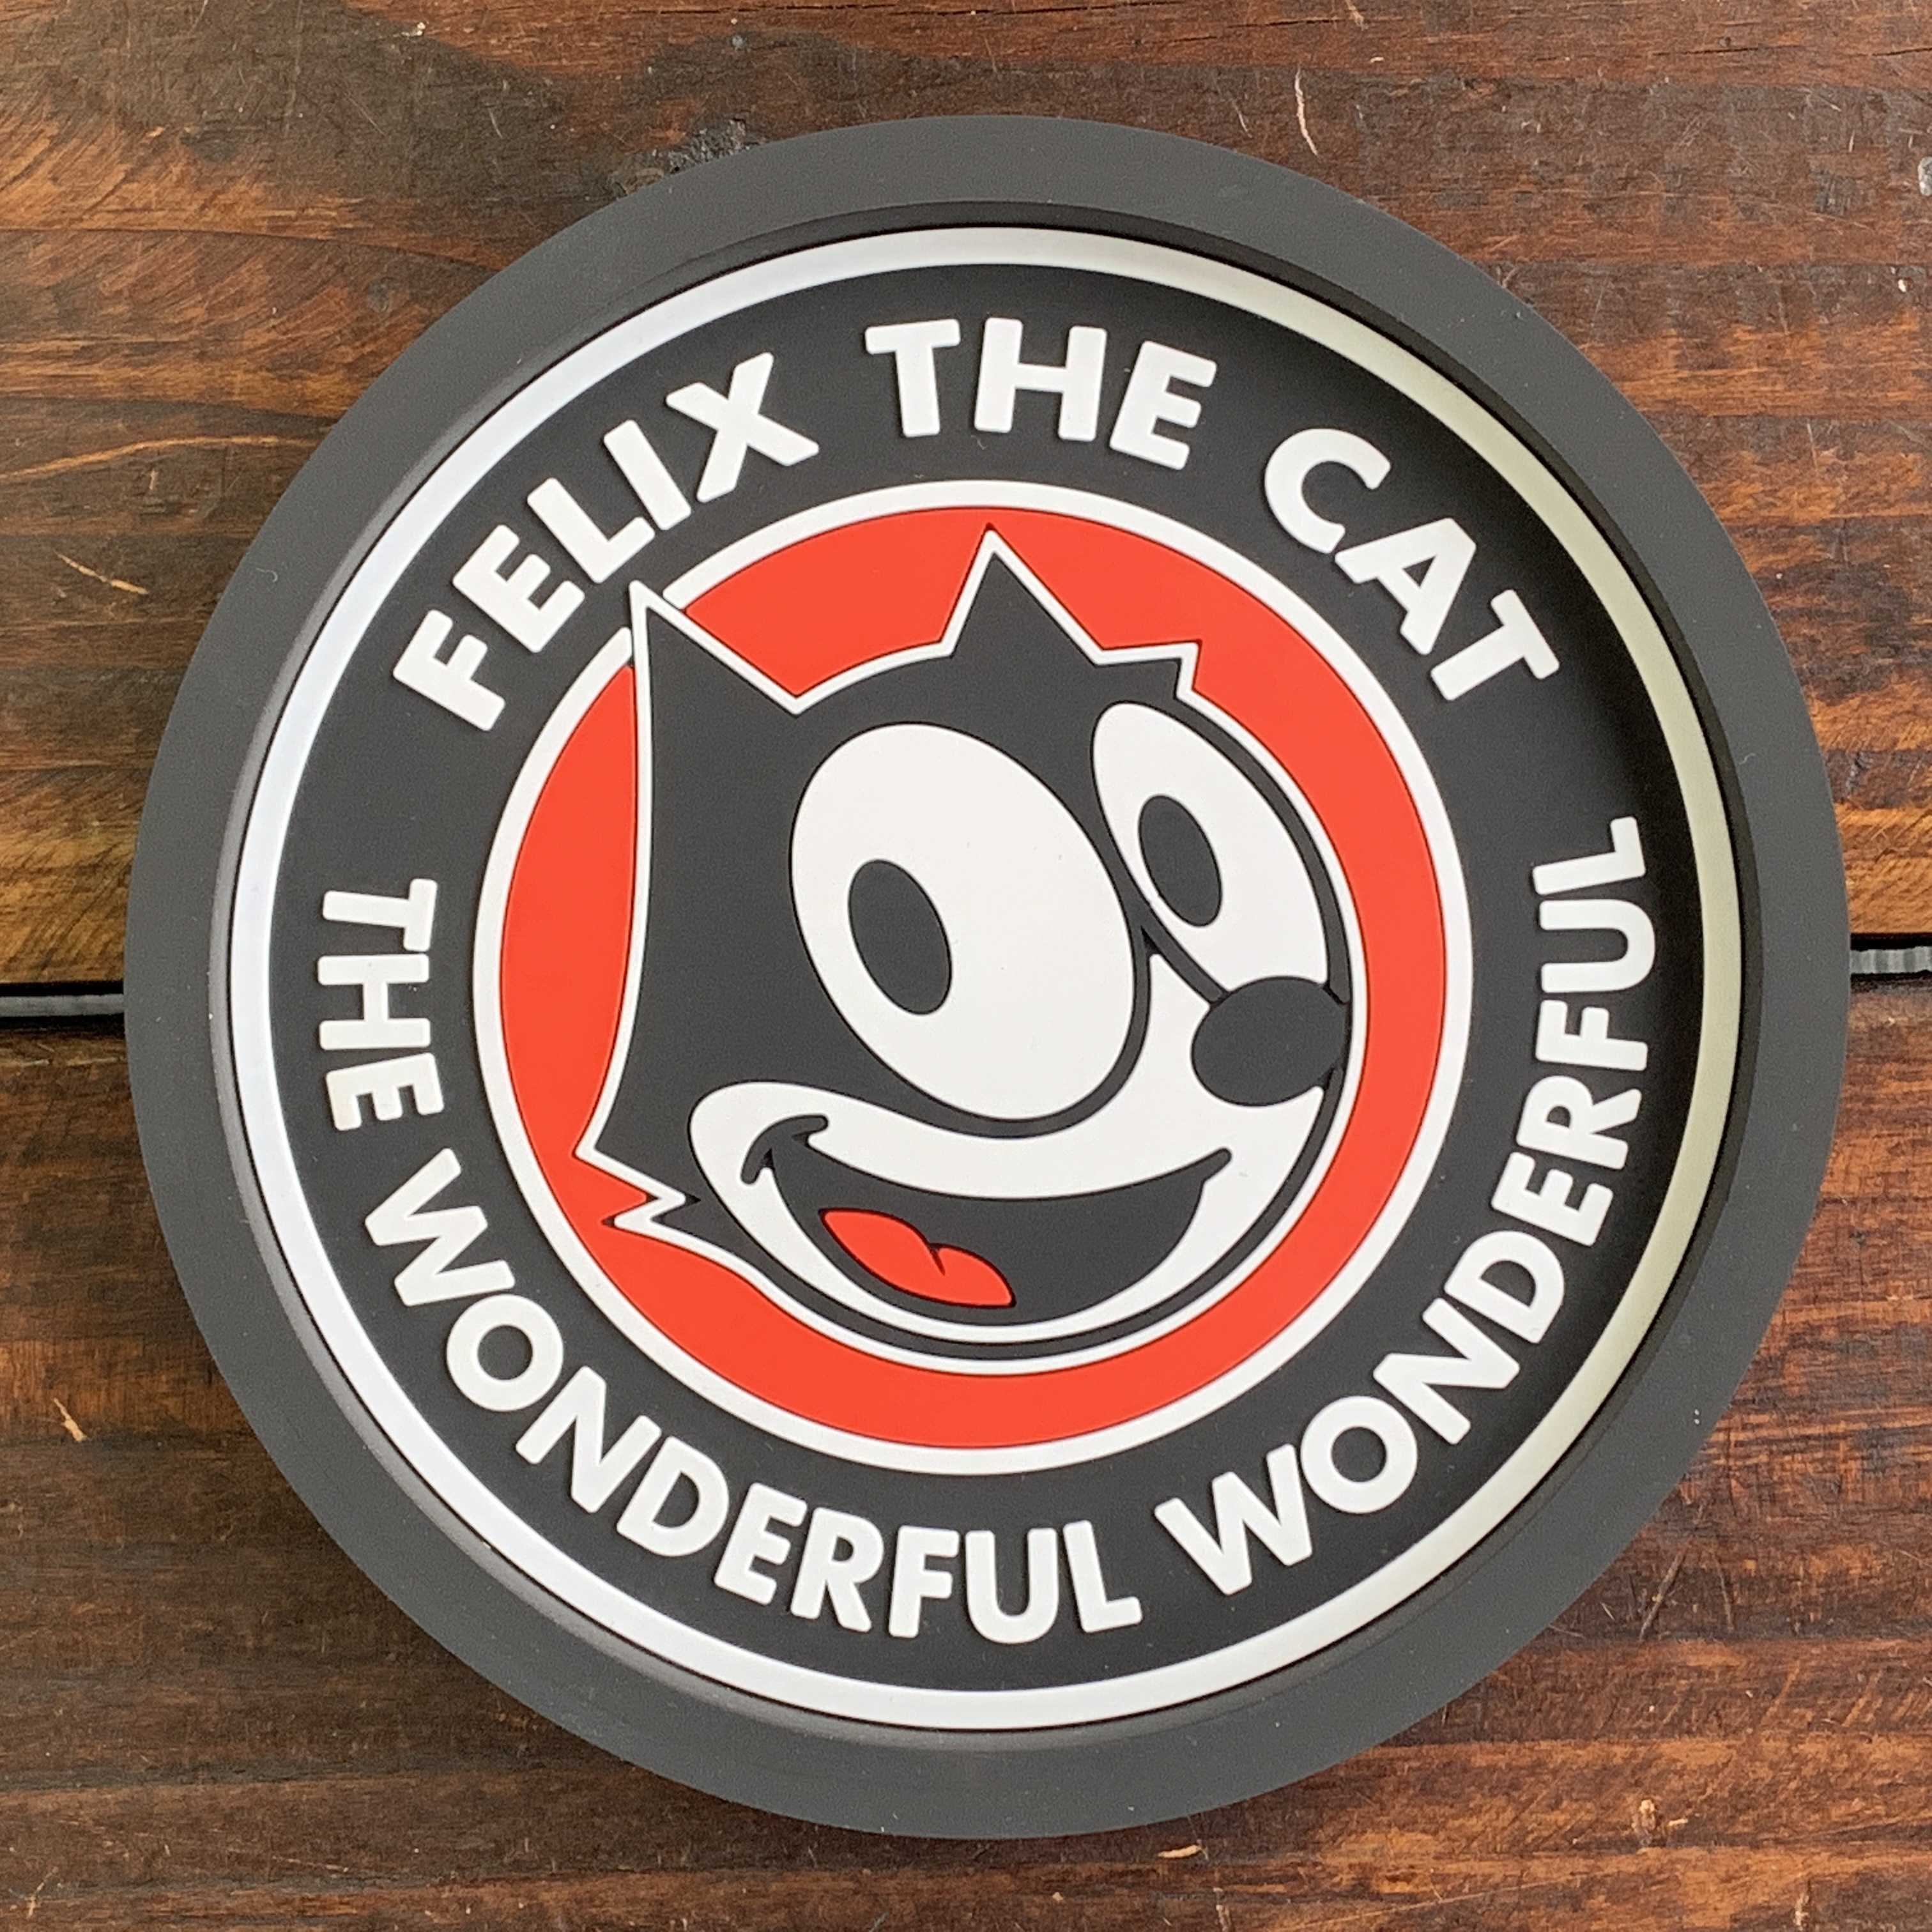 【予約受付中・2019/6月末ごろ入荷】[FELIX]フィリックス・ザ・キャット・ラバートレイ・アクセサリー入れ・小物入れ・クリップホルダー - ラウンド